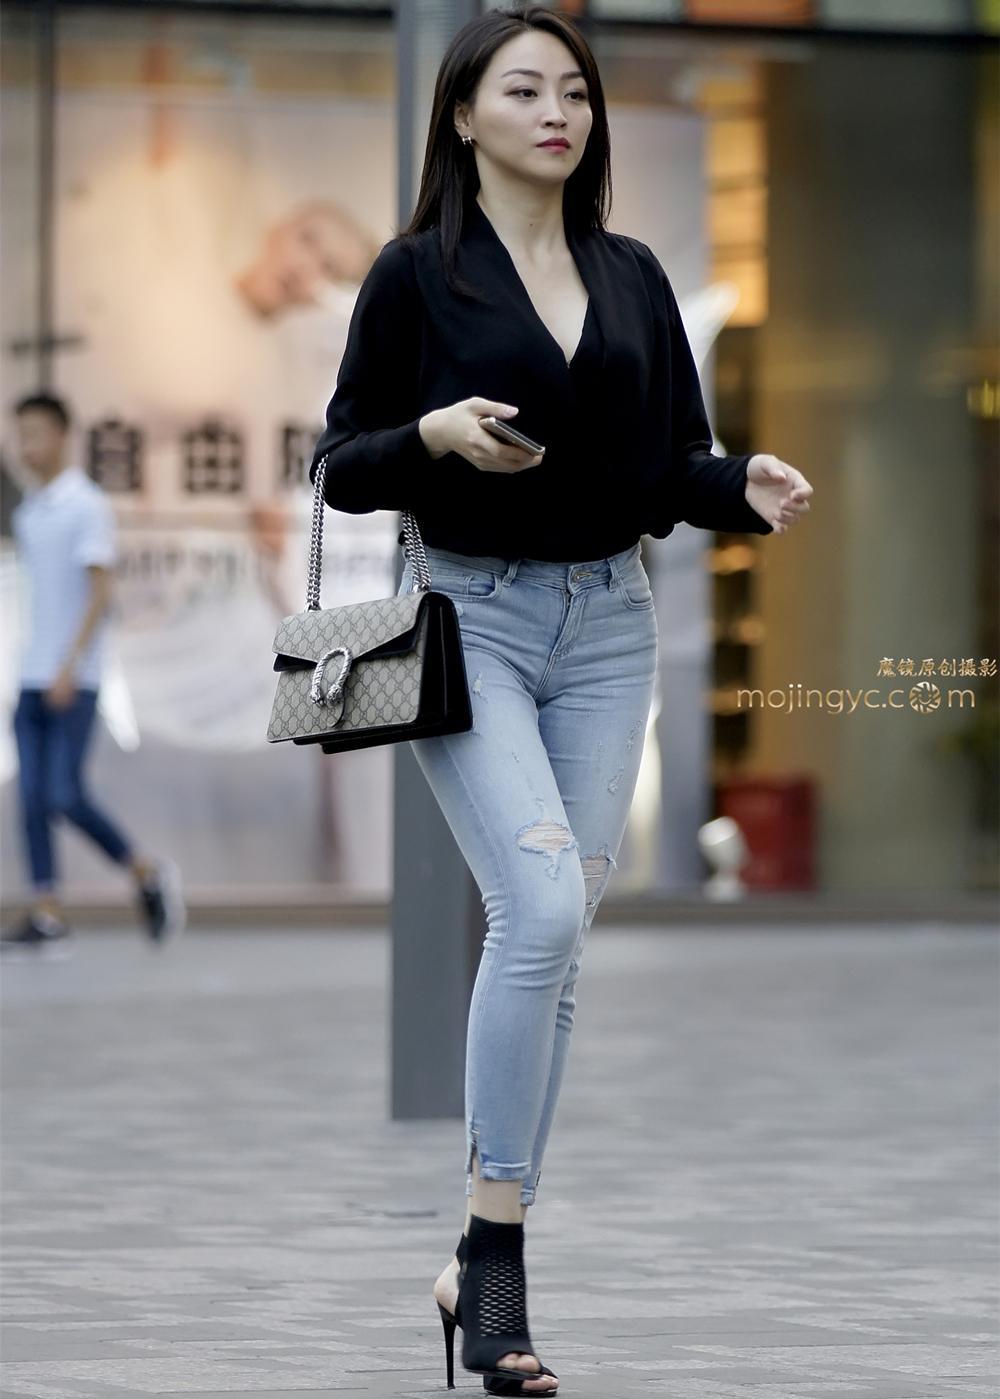 街拍: 紧身牛仔裤美妇, 跃动的美感, 饱满曲线牢牢